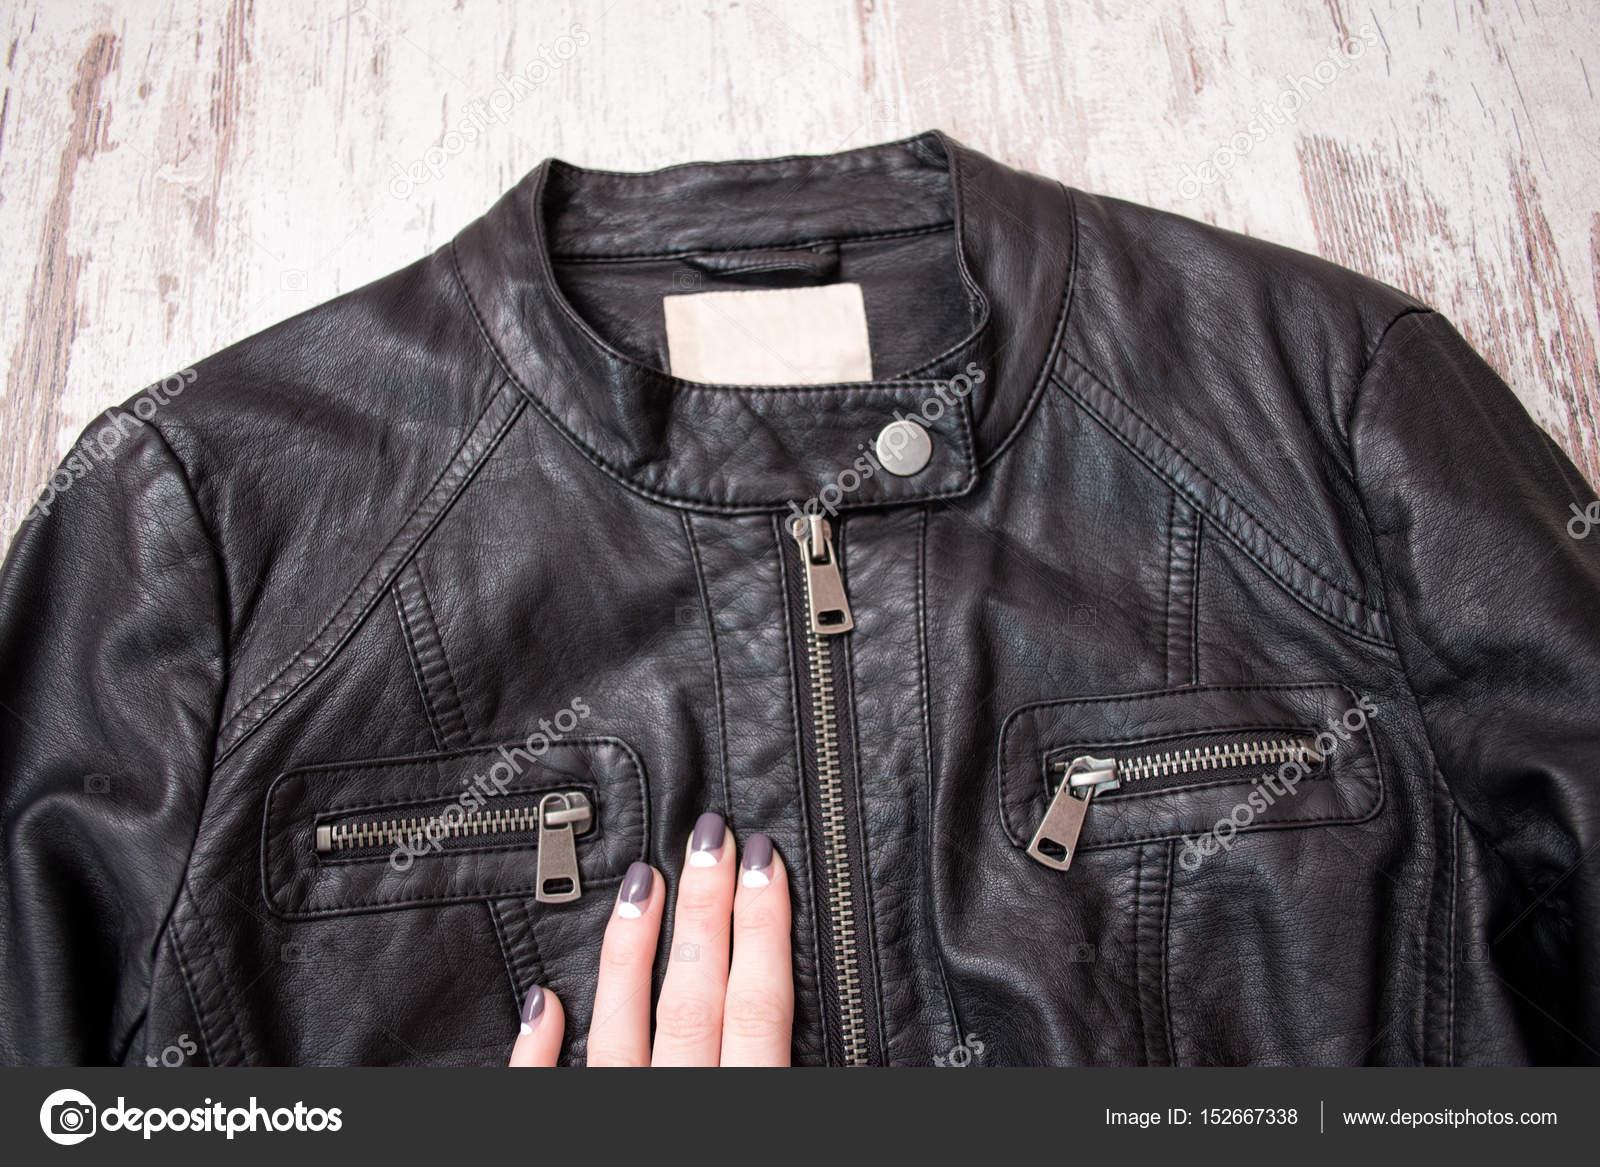 Μαύρο δερμάτινο μπουφάν με φερμουάρ και ένα γυναικείο χέρι. Έννοια της  μόδας 04249a817f9